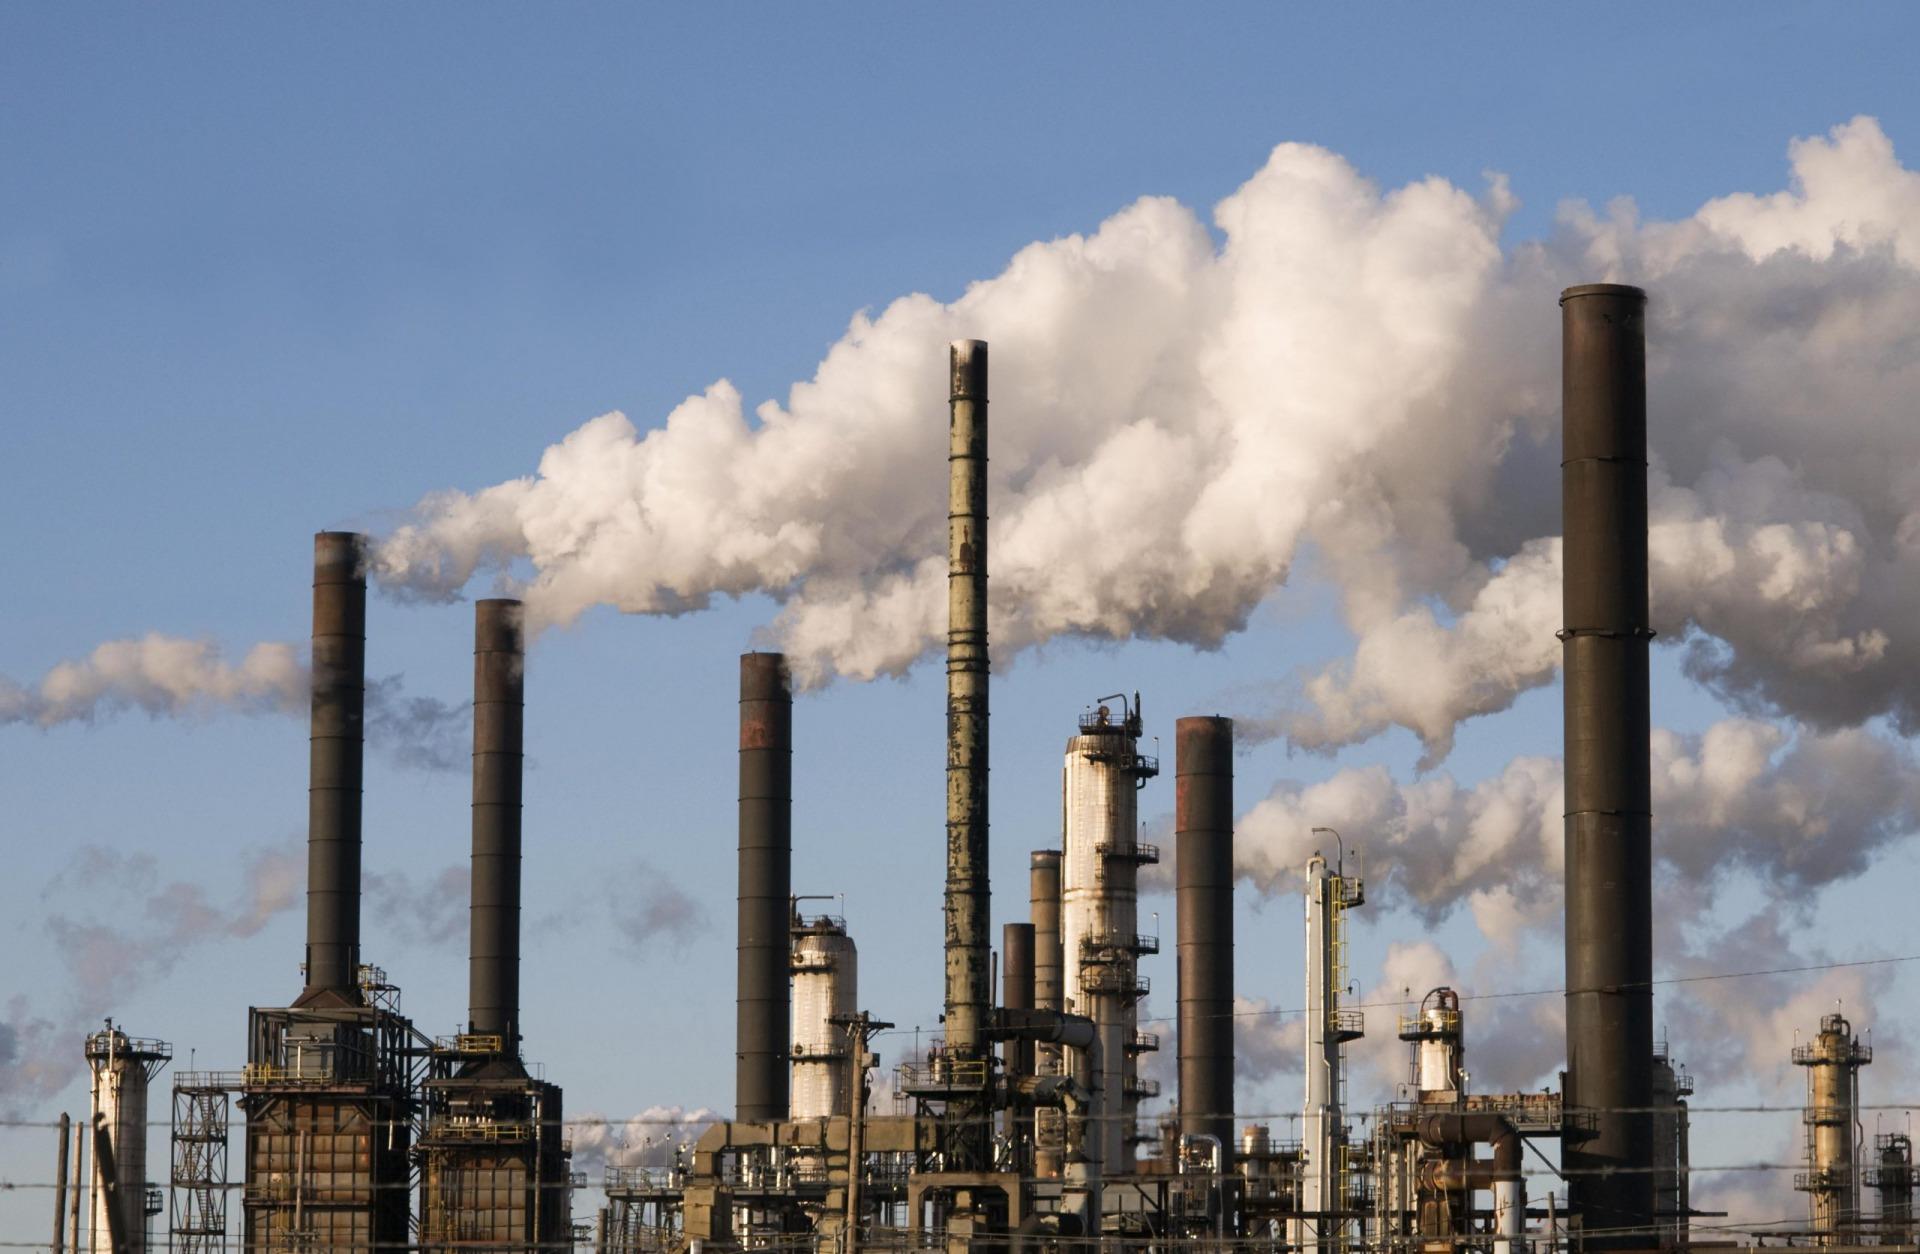 تولید ذغال سنگ ایالات متحده از پایین ترین سطح از سال 1976 تاکنون